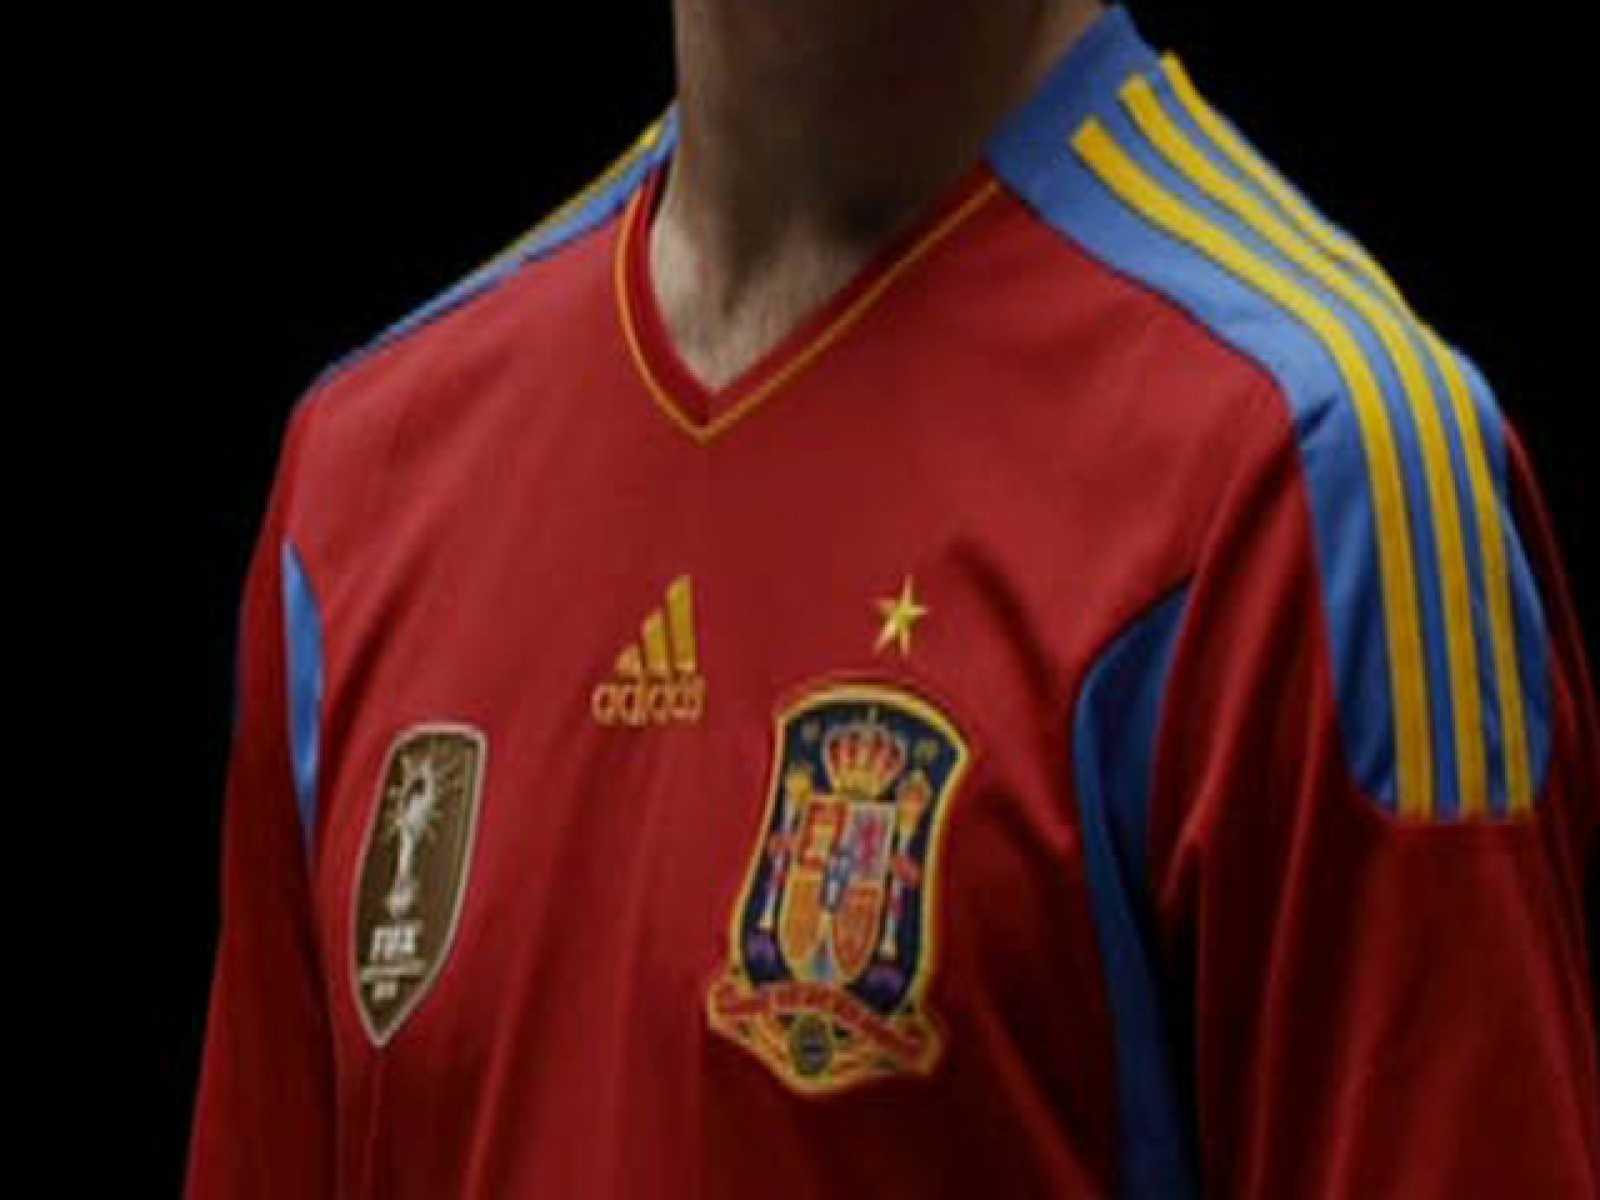 Para todos los públicos La selección española estrenará este miércoles la nueva  camiseta que incluye la estrella dorada sobre el reproducir video 7a6b37f0ec7fe